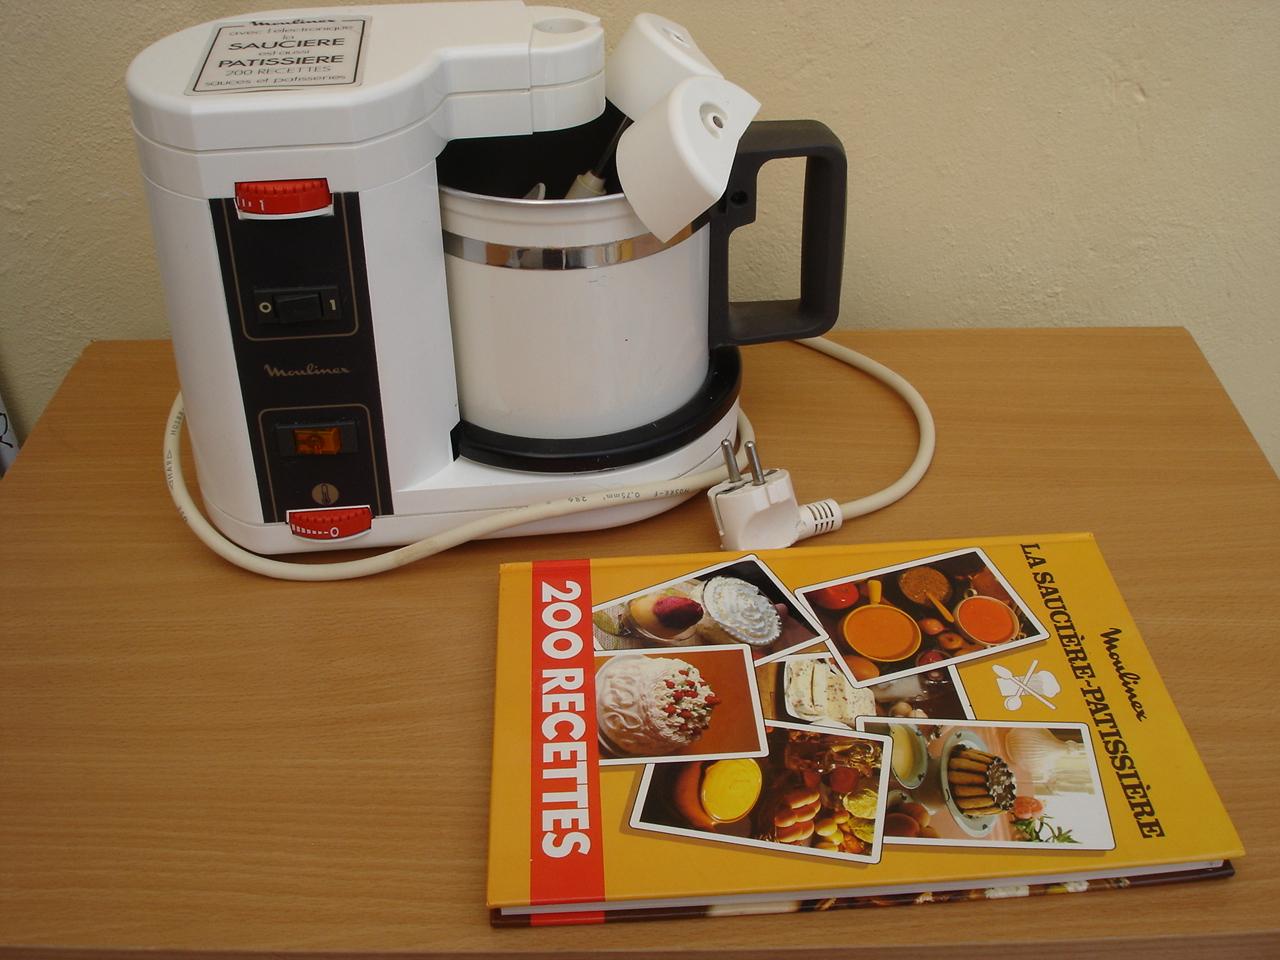 sauciere electrique de moulinex compl te le livre 200. Black Bedroom Furniture Sets. Home Design Ideas